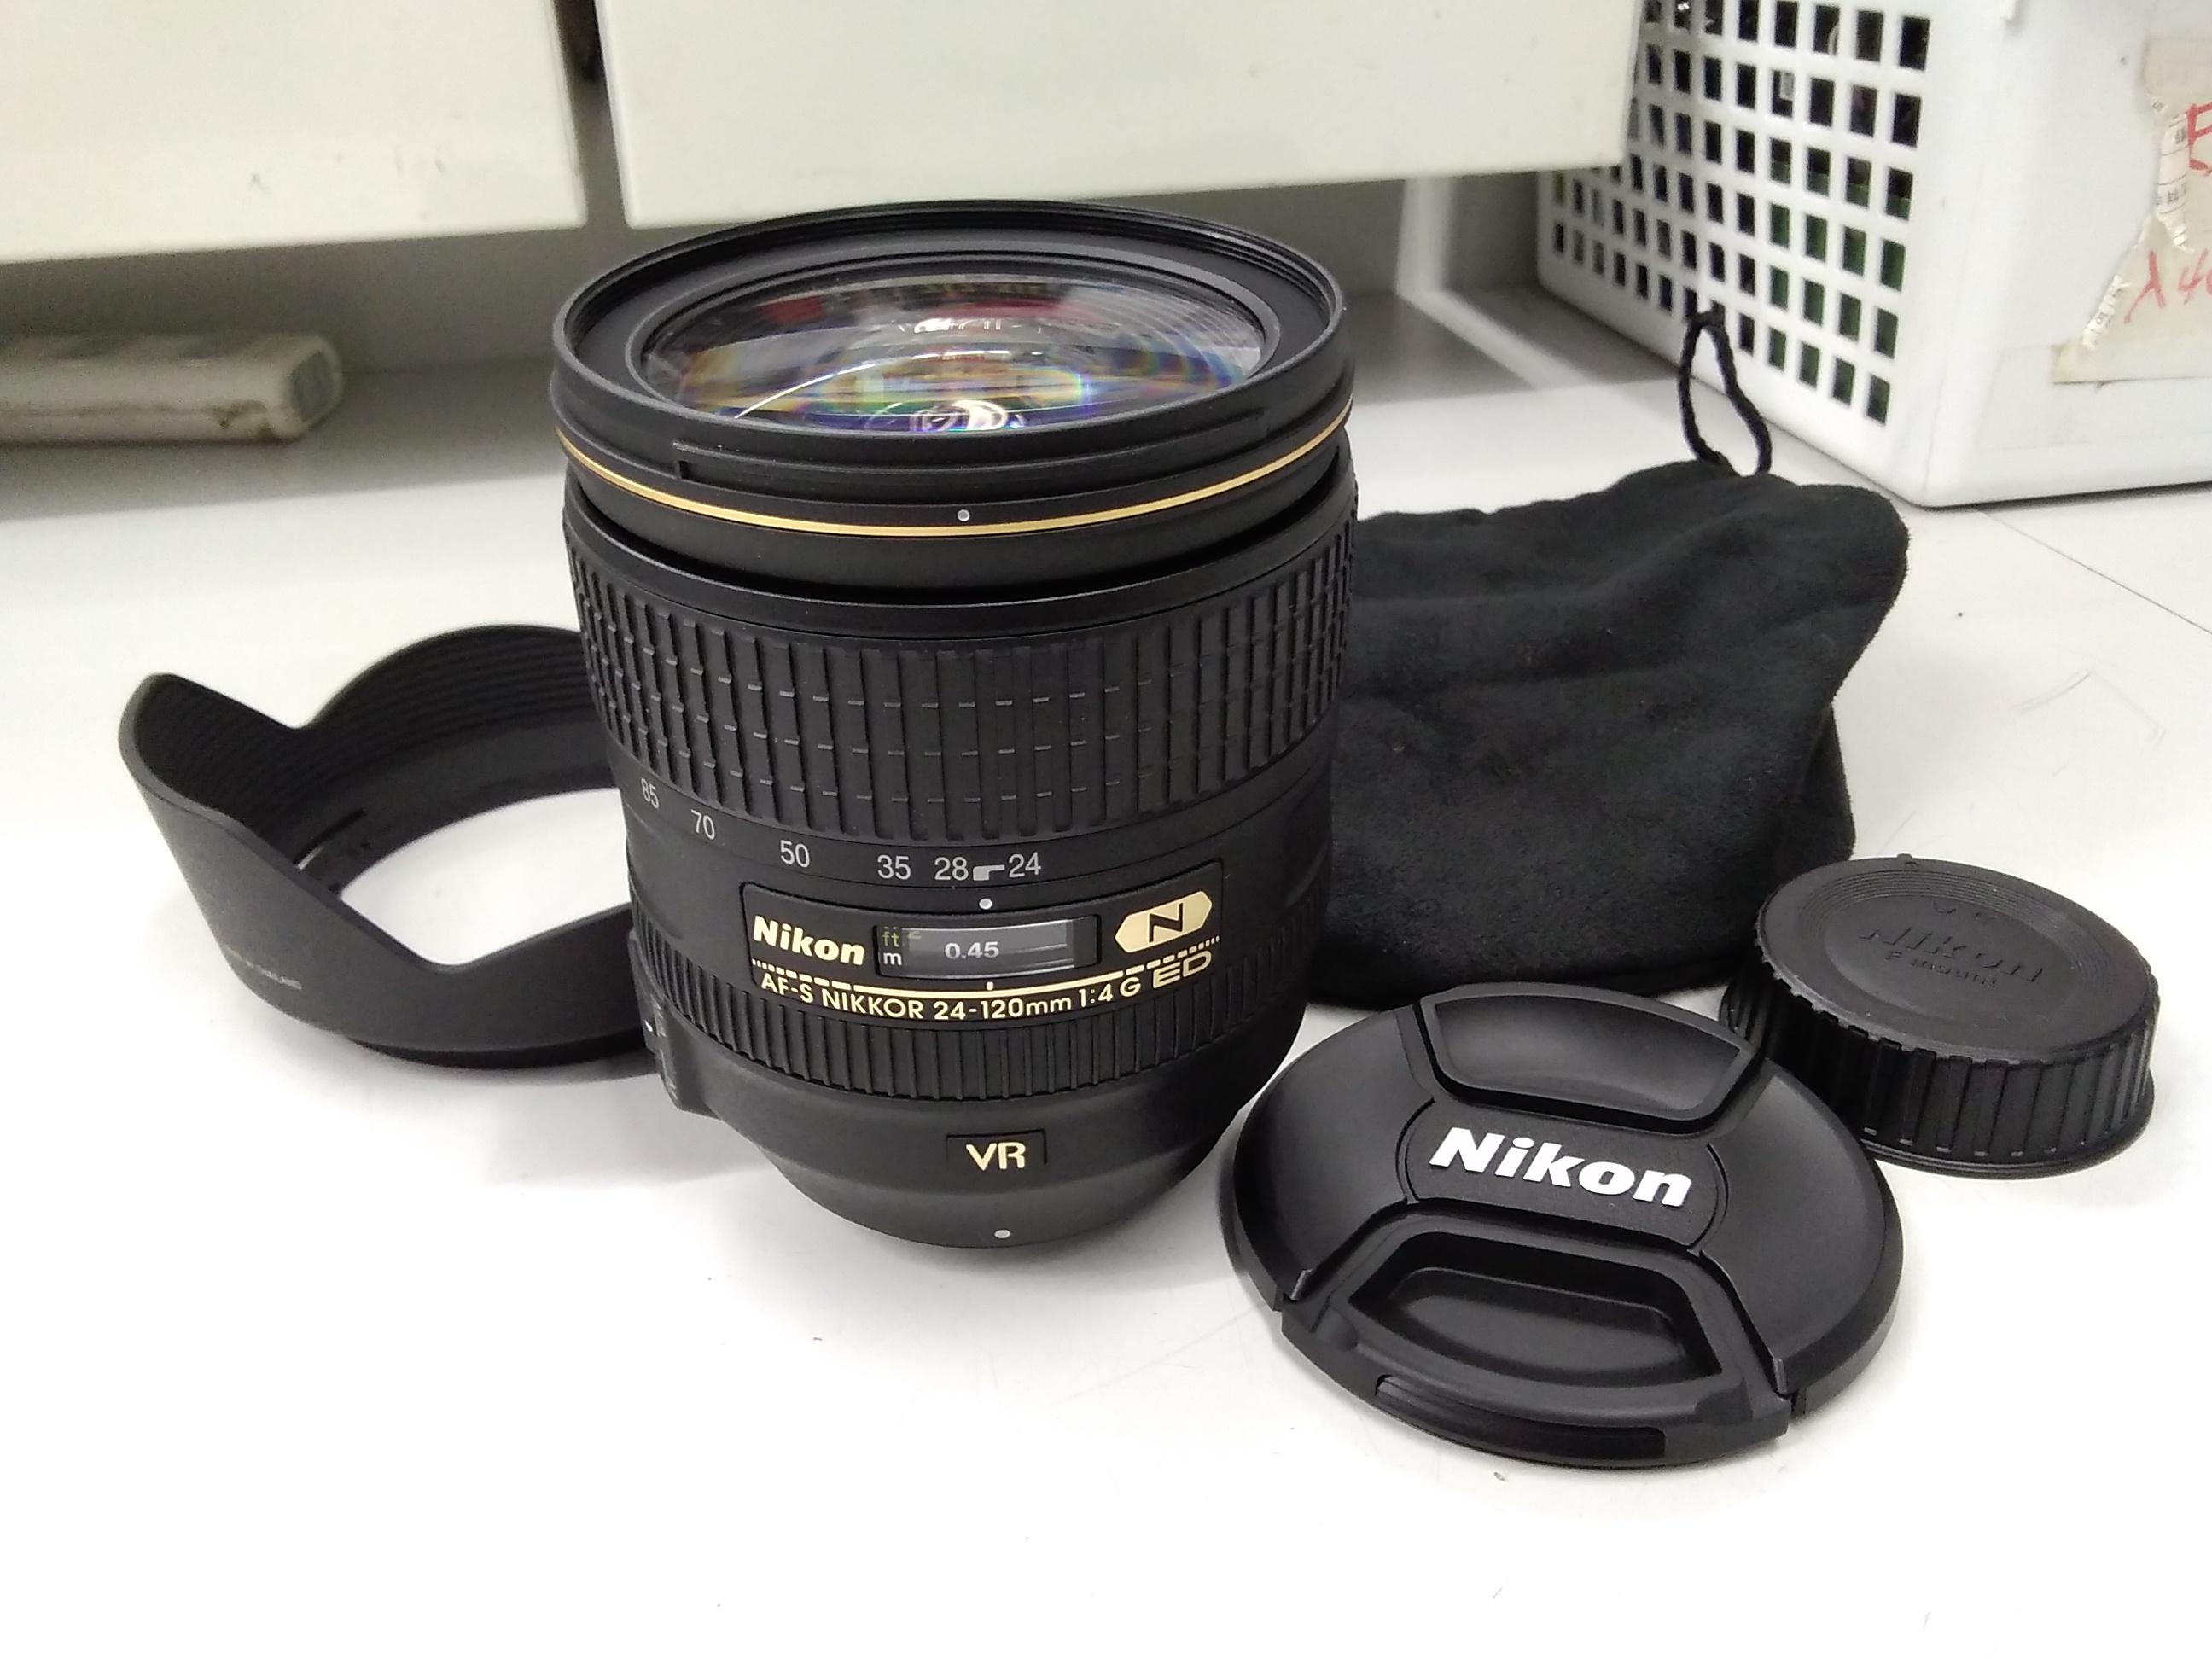 標準ズームレンズ 24-120mm f/4G ED VR|NIKON